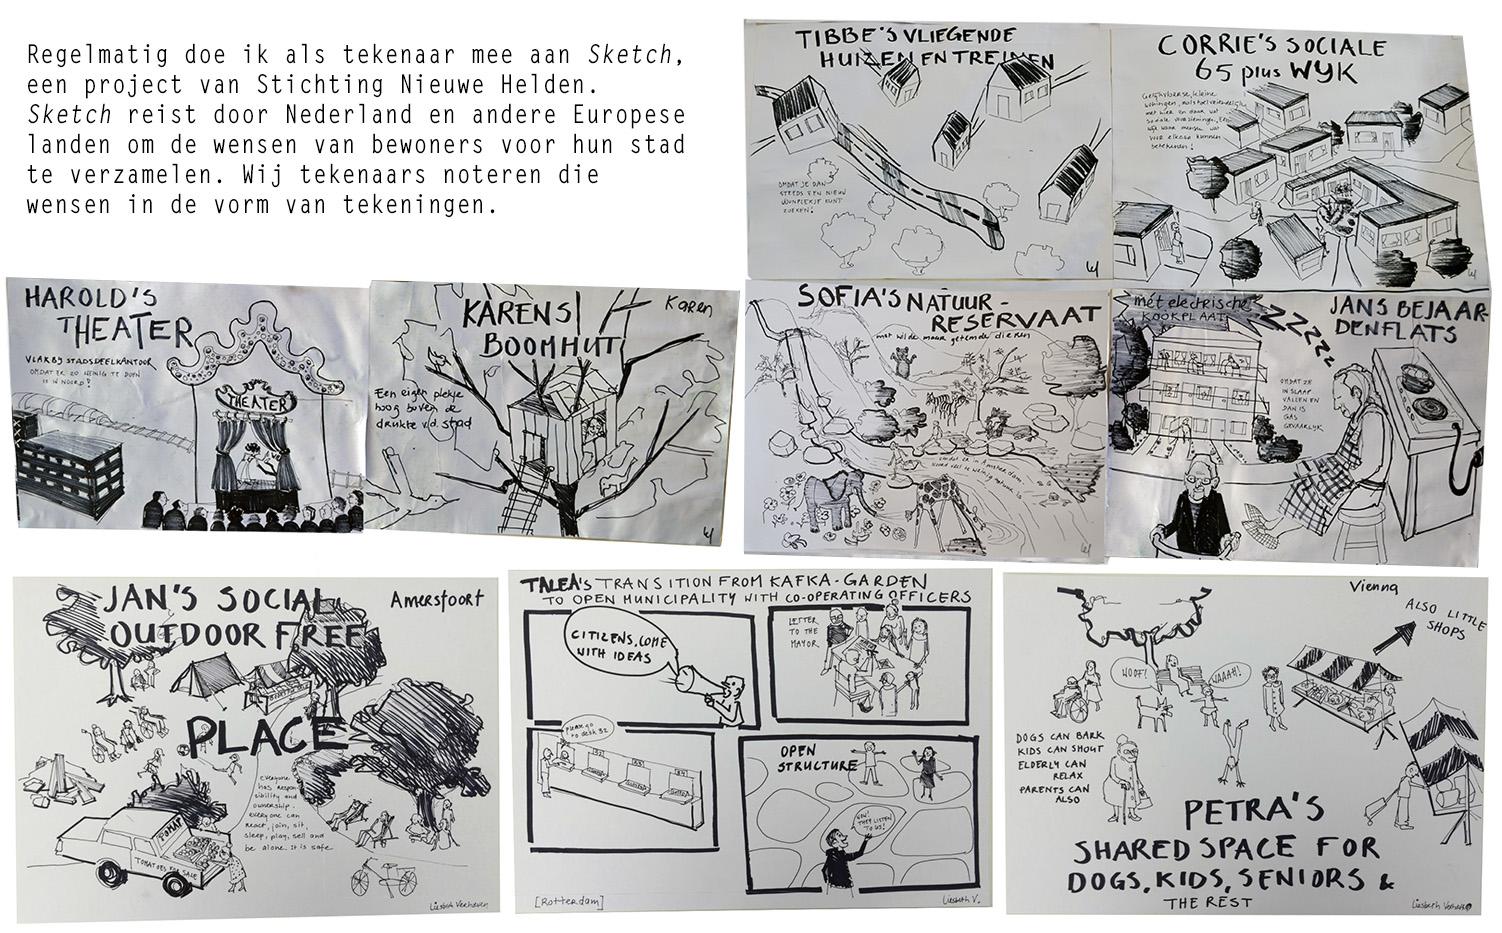 Liesbeth Verhoeven - Sketch met tekst